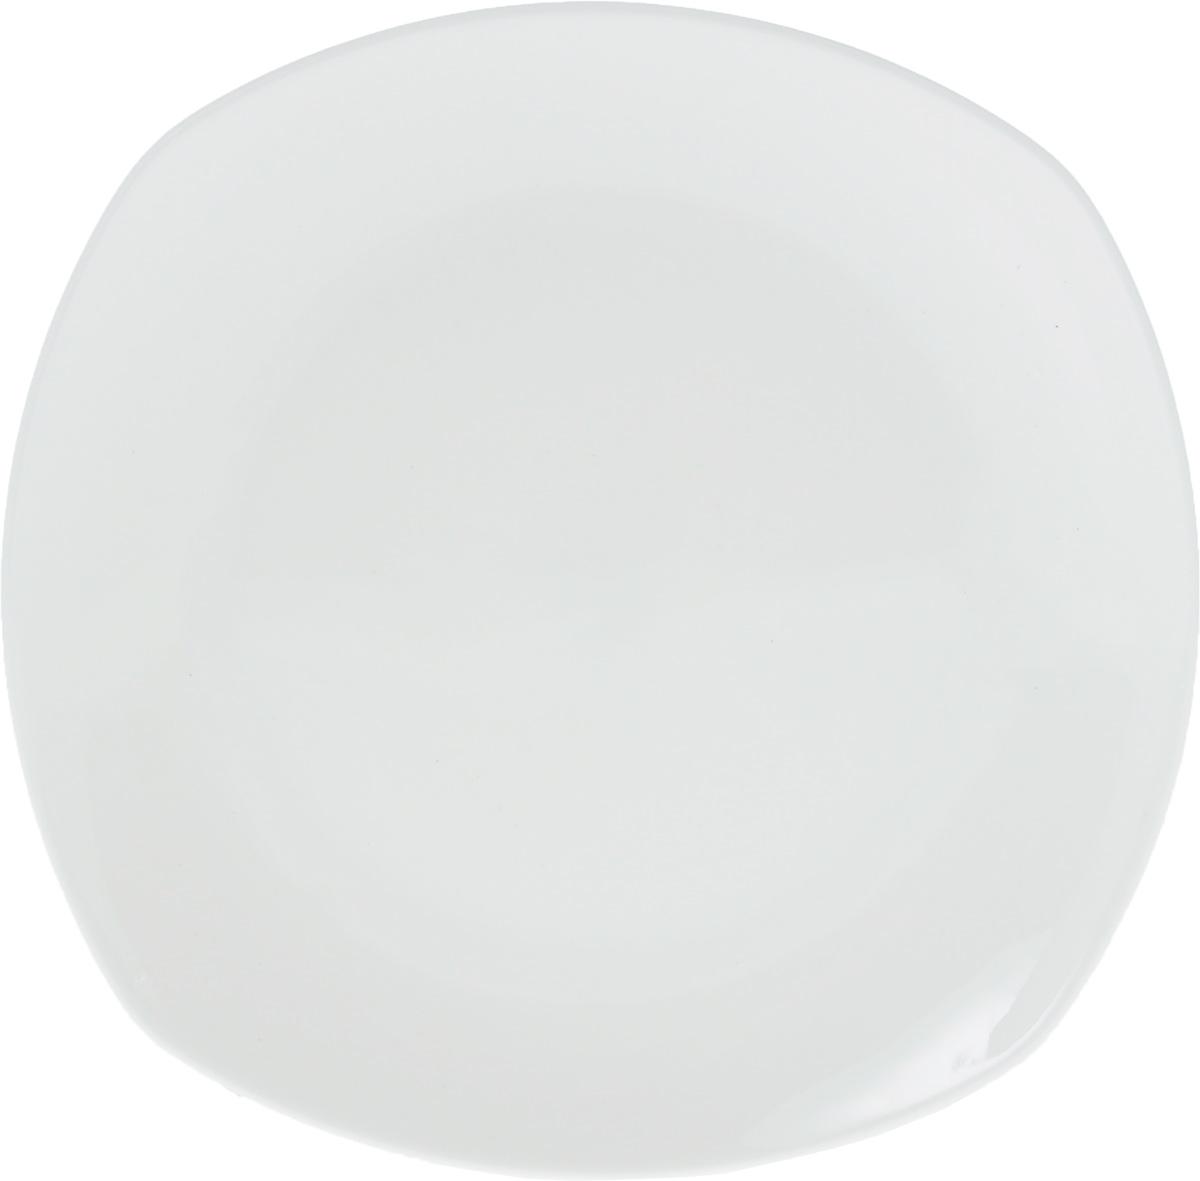 Тарелка Wilmax, 19,5 х 19,5 смWL-991001 / AТарелка Wilmax, изготовленная из высококачественного фарфора, имеет оригинальную форму. Изящный дизайн придется по вкусу и ценителям классики, и тем, кто предпочитает утонченность и изысканность. Тарелка Wilmax идеально подойдет для сервировки стола и станет отличным подарком к любому празднику. Можно мыть в посудомоечной машине и использовать в микроволновой печи. Размер тарелки (по верхнему краю): 19,5 х 19,5 см.